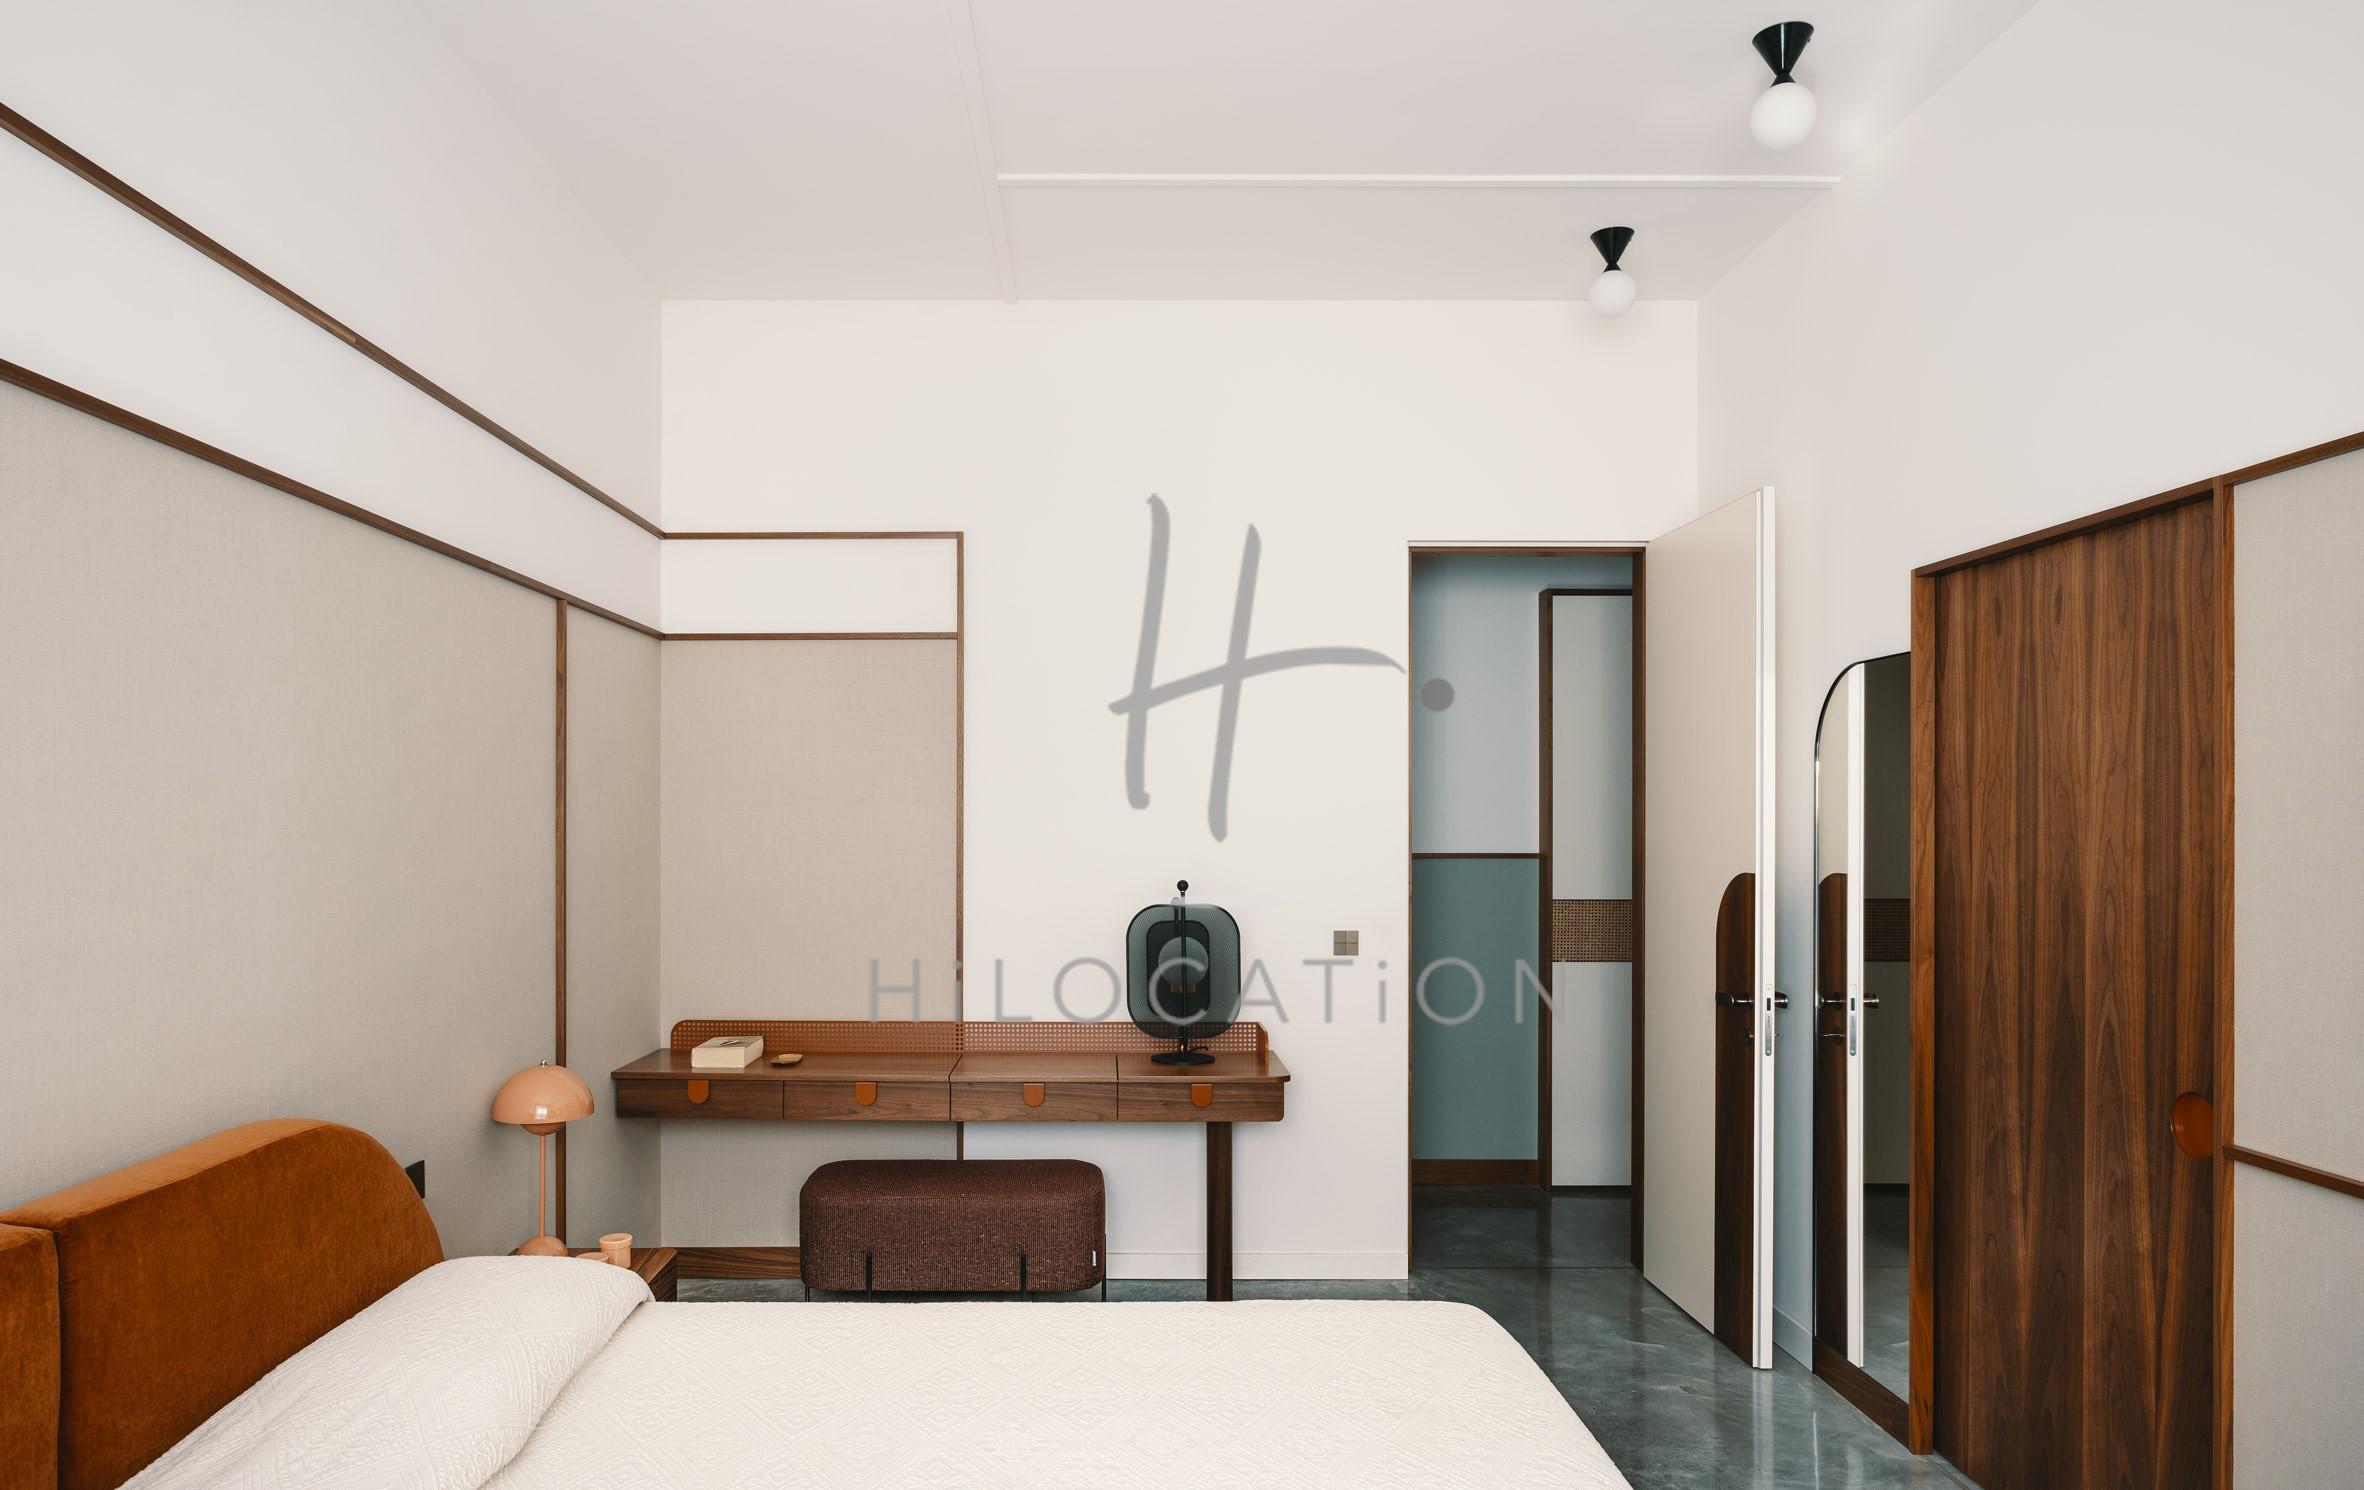 Casa-mille-apartment-interiors-italy-turin-fabio-fantolino_dezeen_2364_col_8